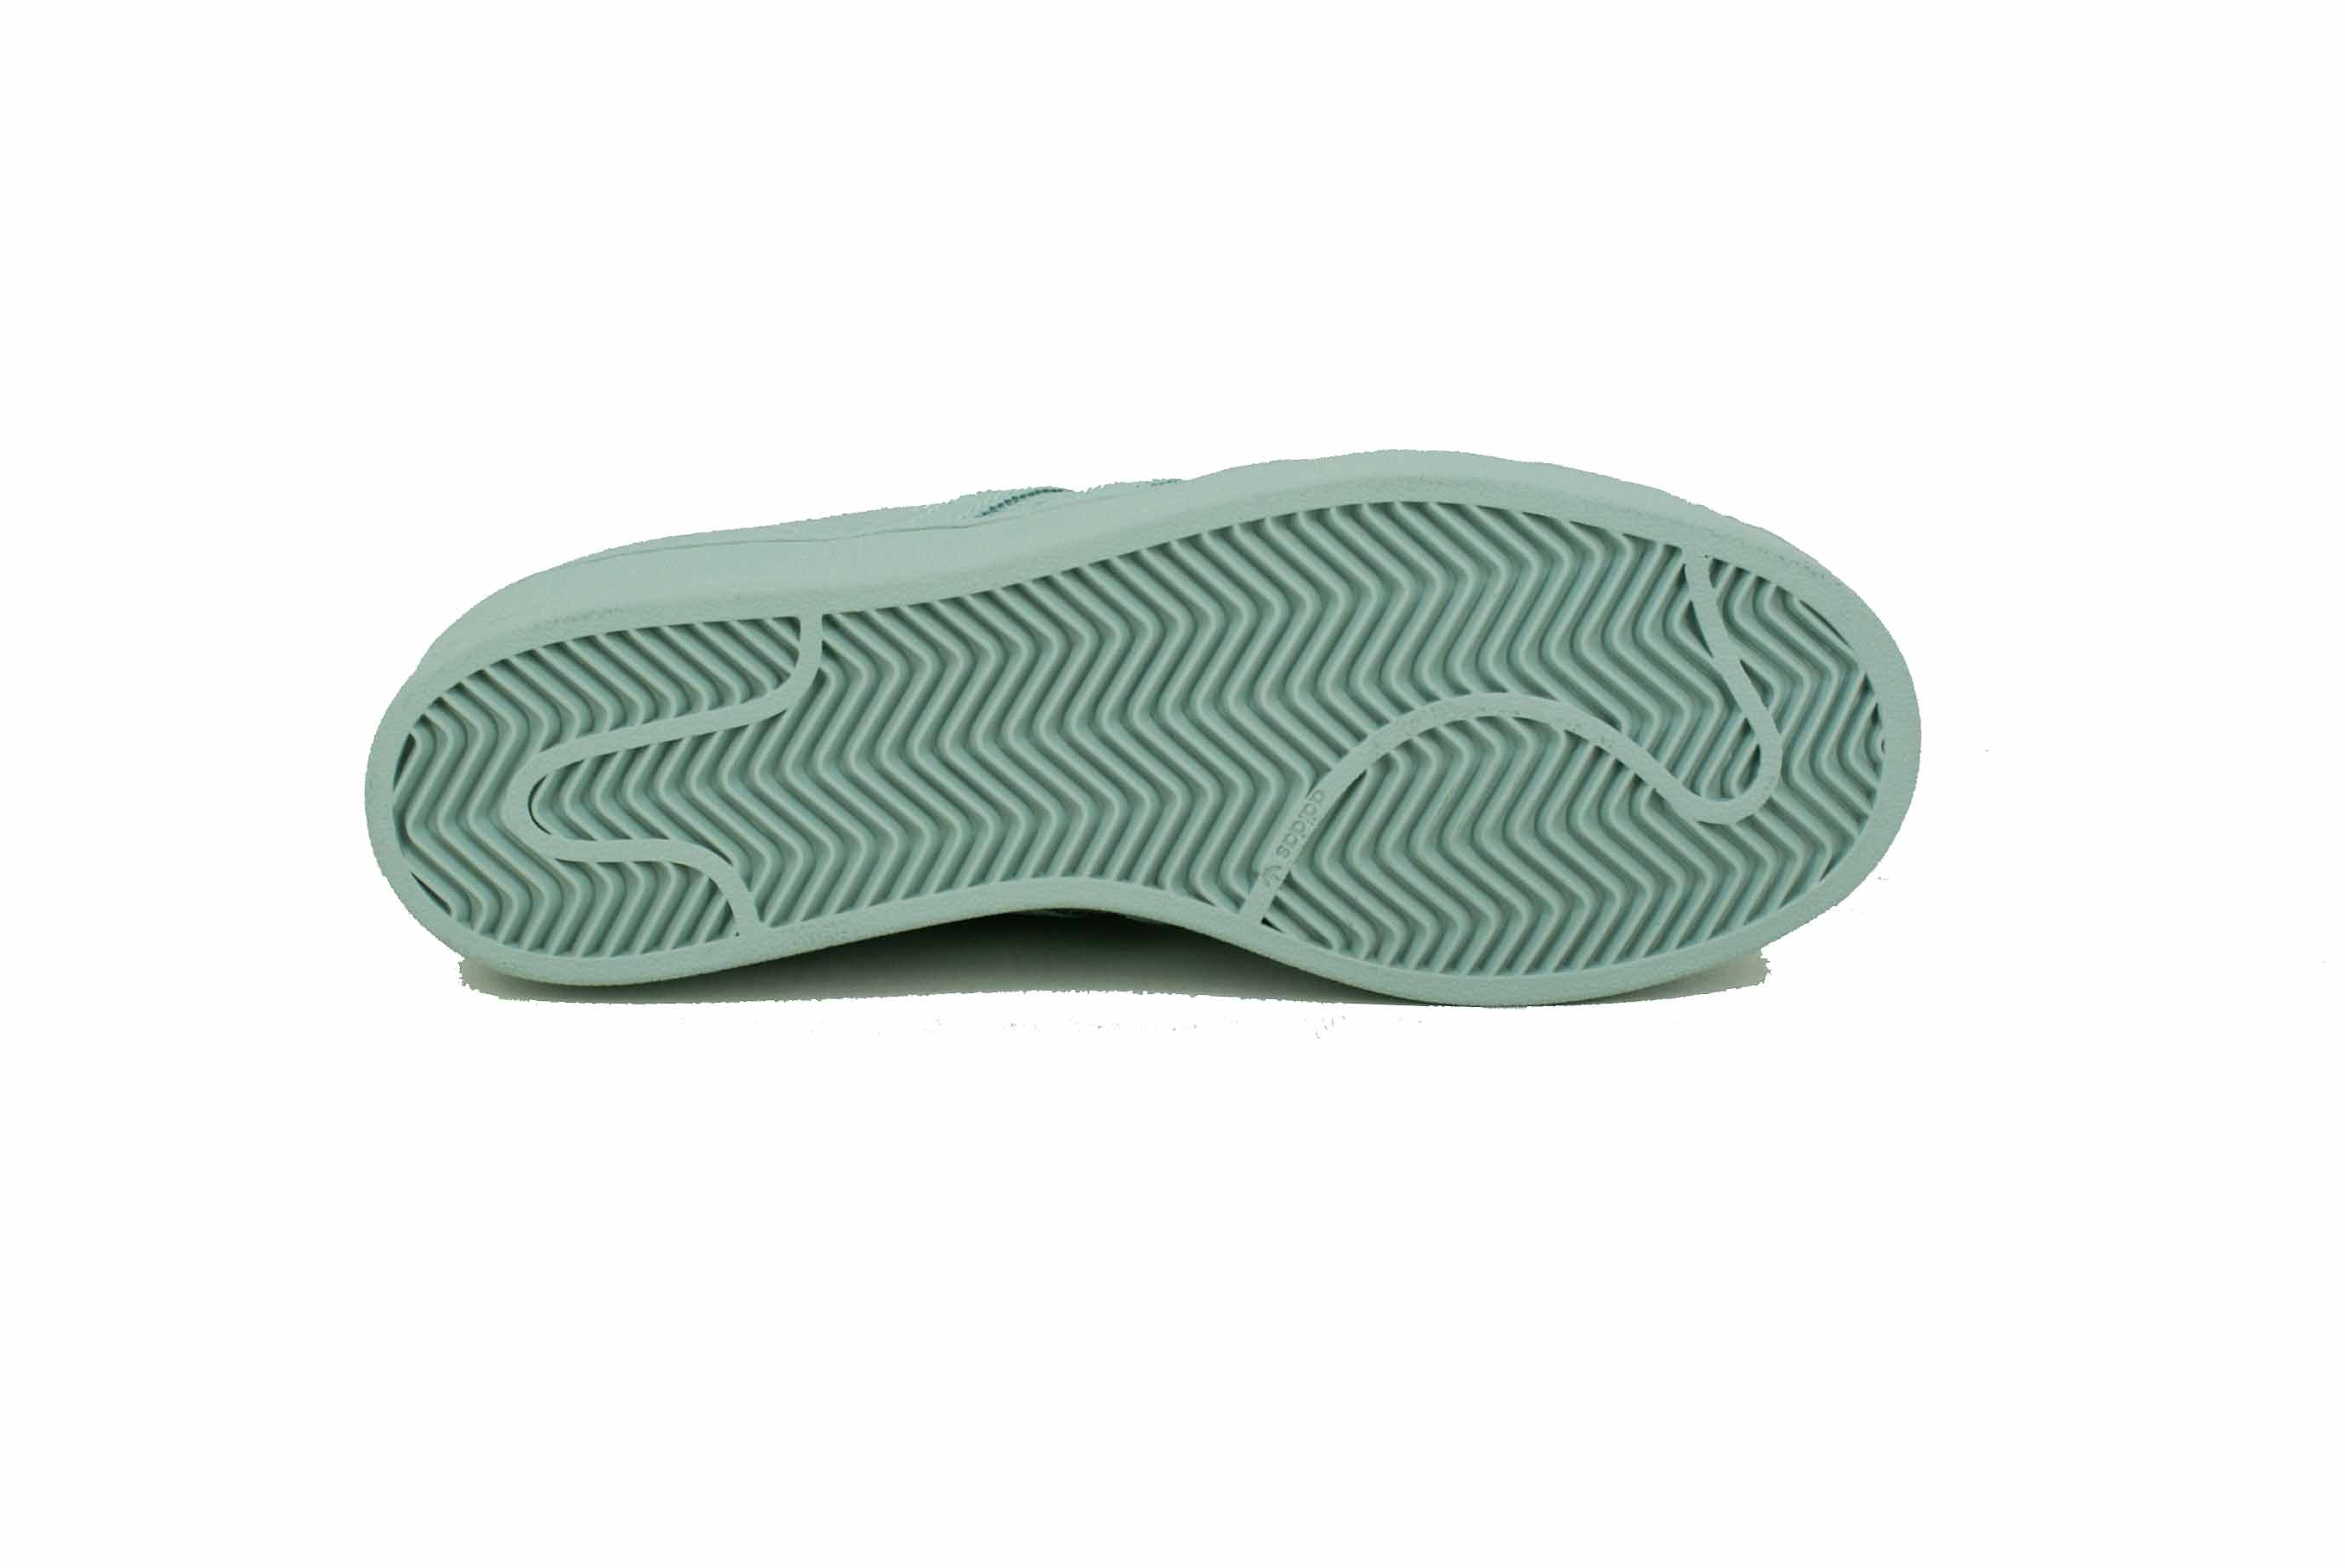 adidas superstar verdi acqua